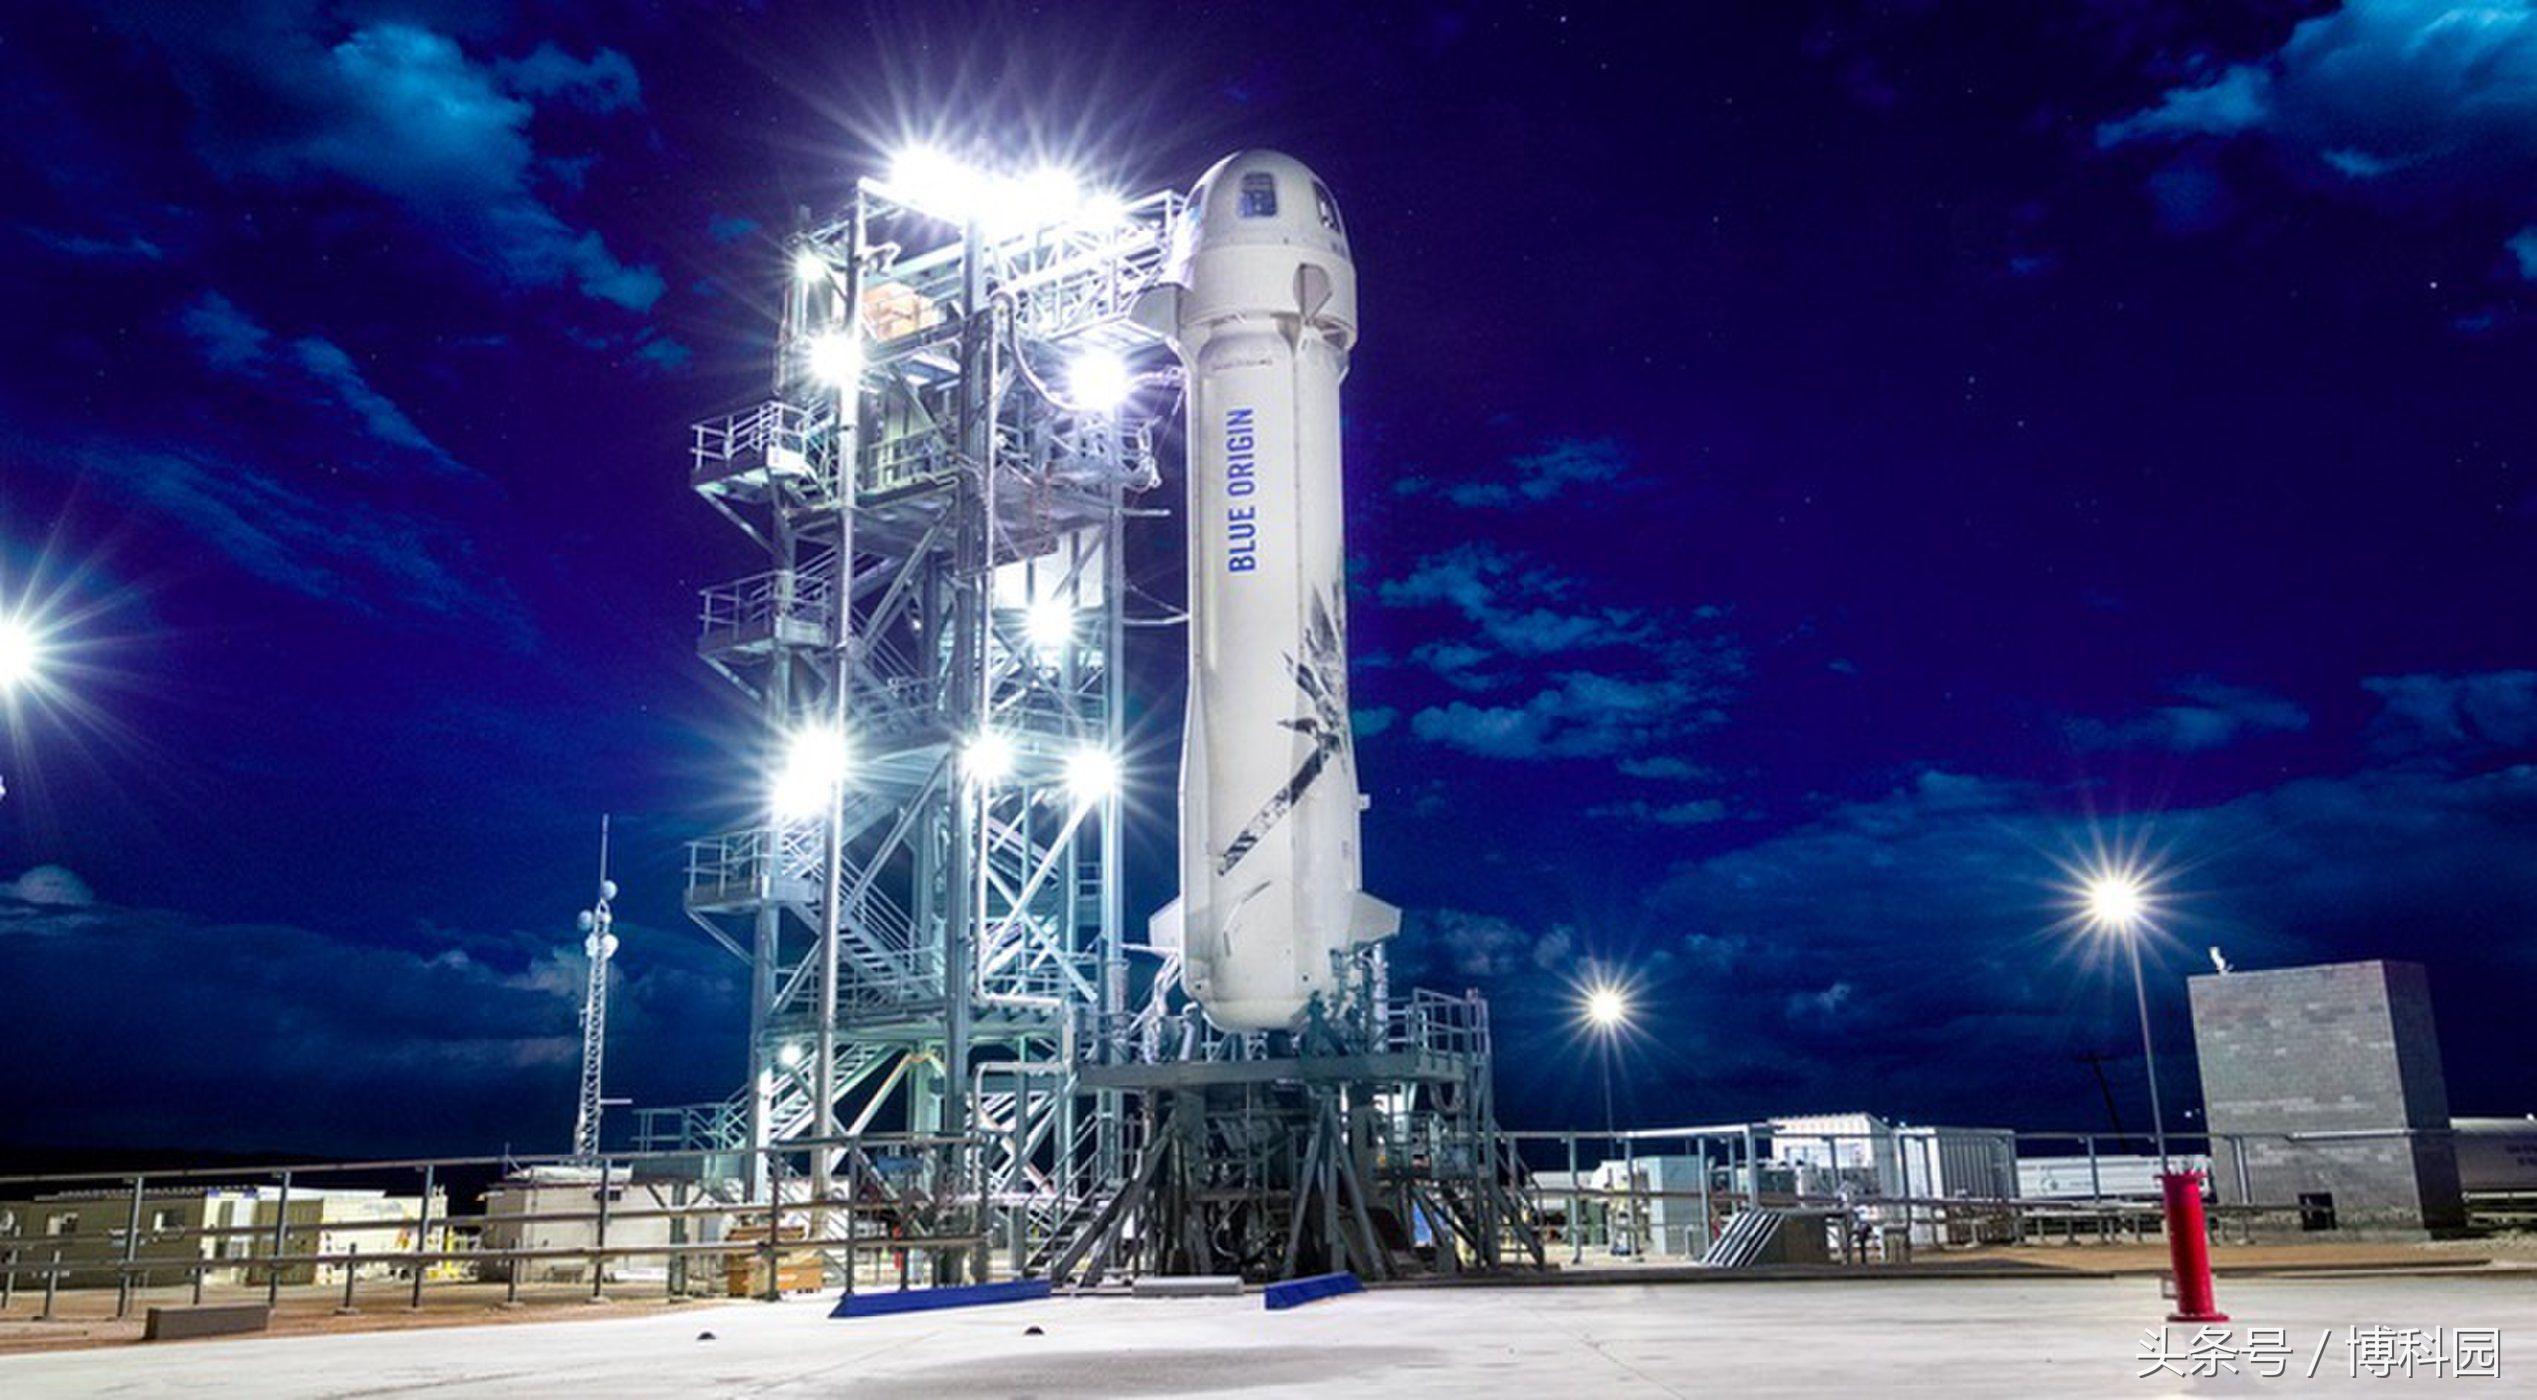 你去吗?蓝色起源计划明年开售亚轨道太空票